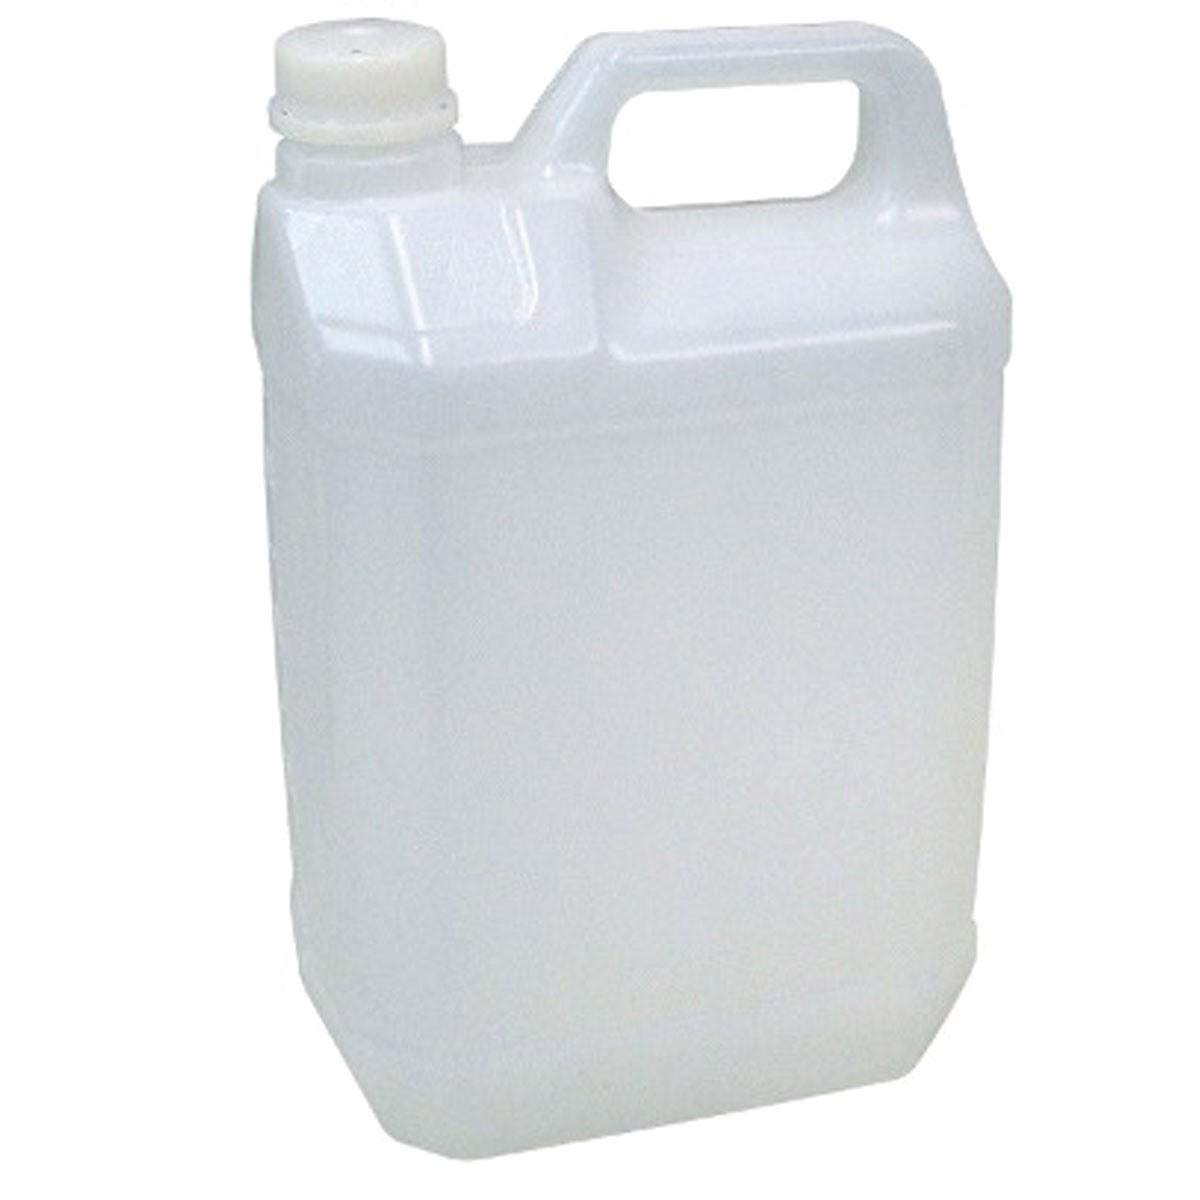 Propileno Glicol Não Tóxico 5 Litros - Anticongelante Para Chopeiras